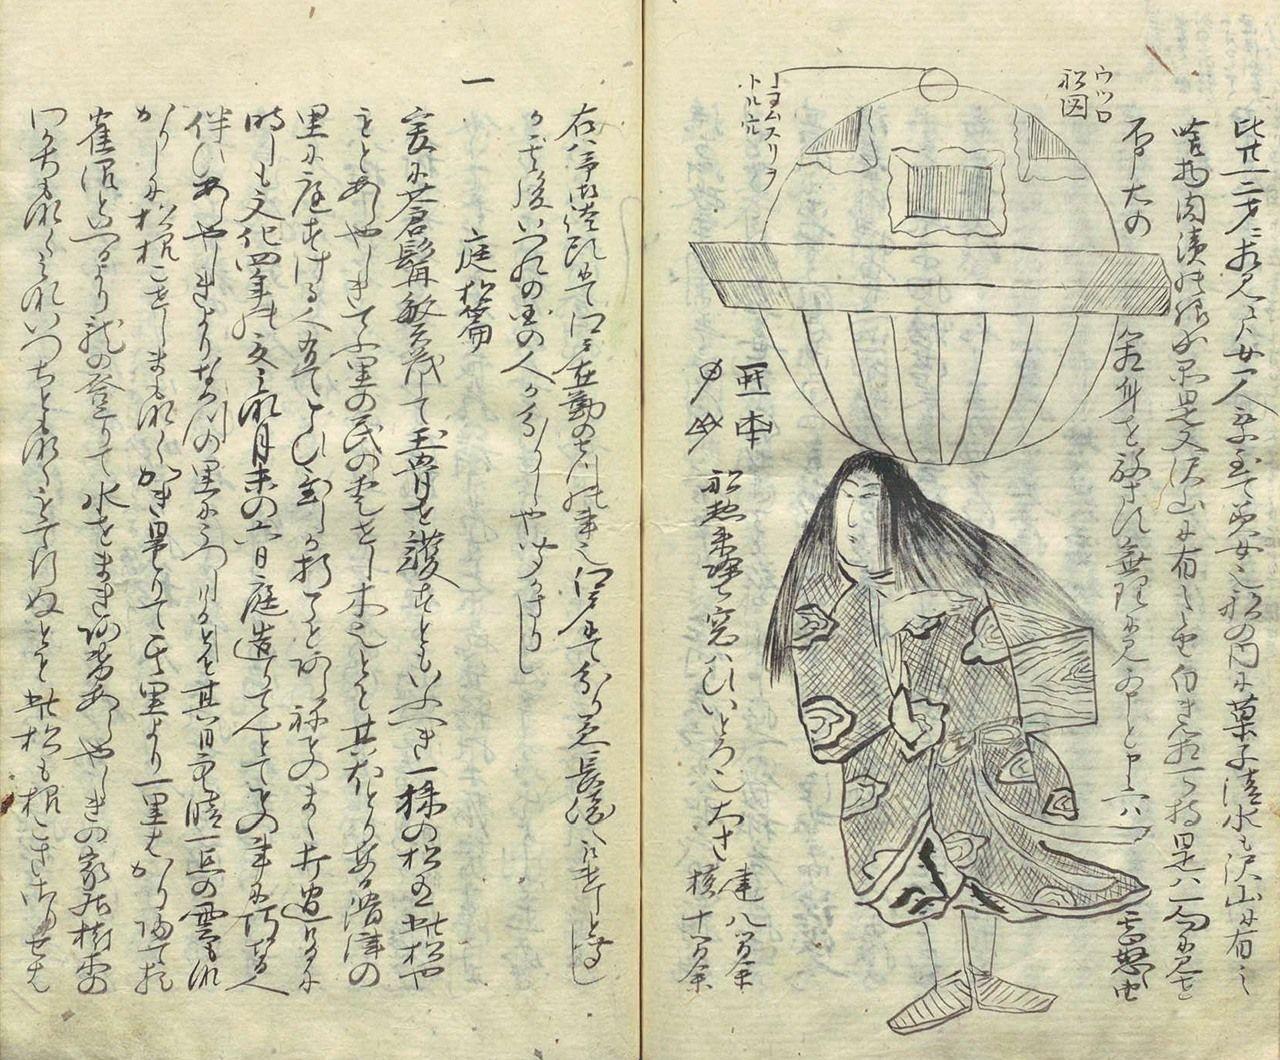 De Ōshuku zakki (aprox. 1815), escrita por Komai Norimura, vasallo de Matsudaira Sadanobu (Biblioteca Nacional de la Dieta)